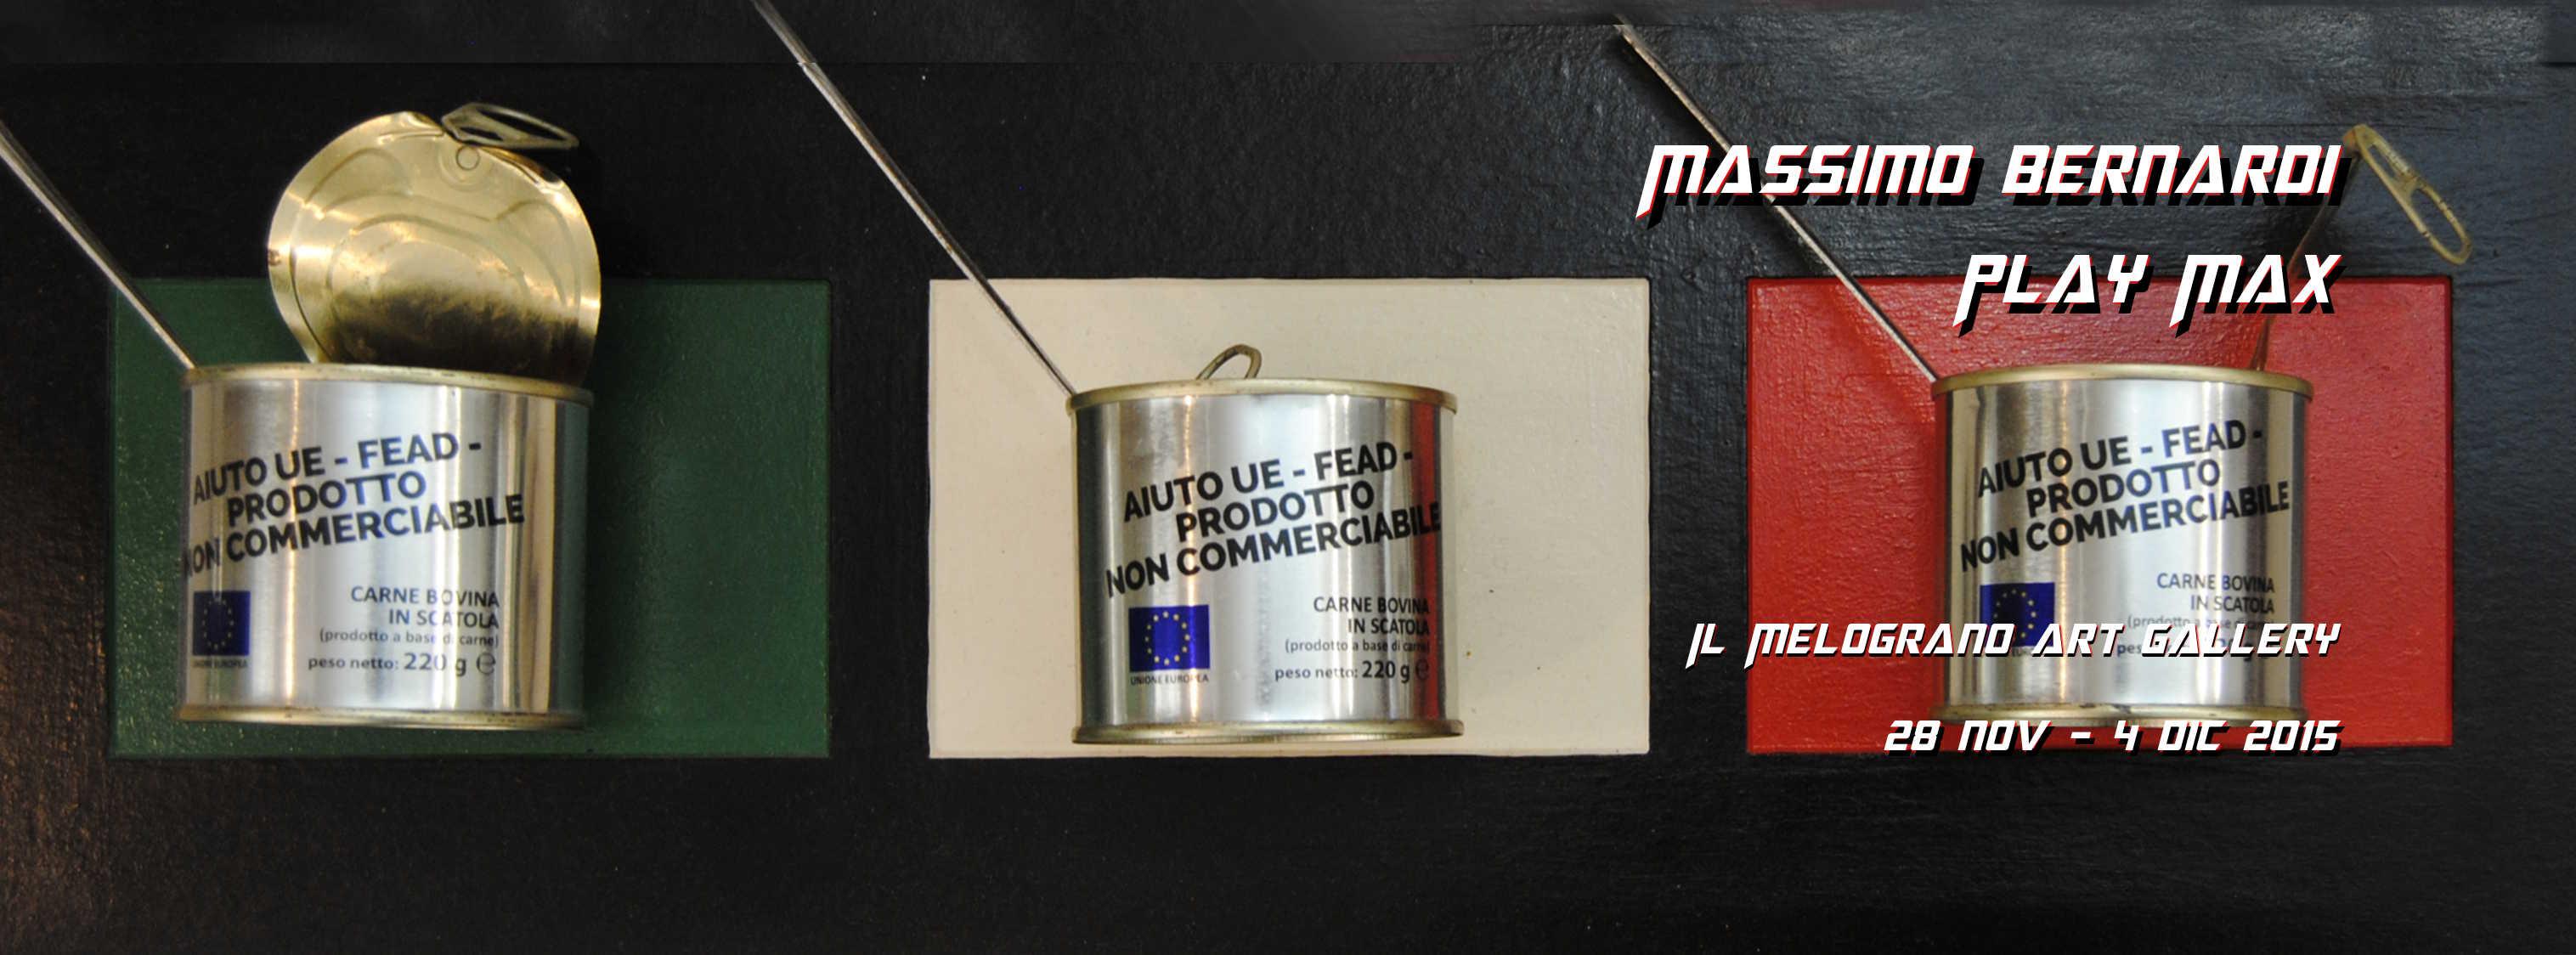 Massimo Bernardi Play Max Il Melograno Art Gallery